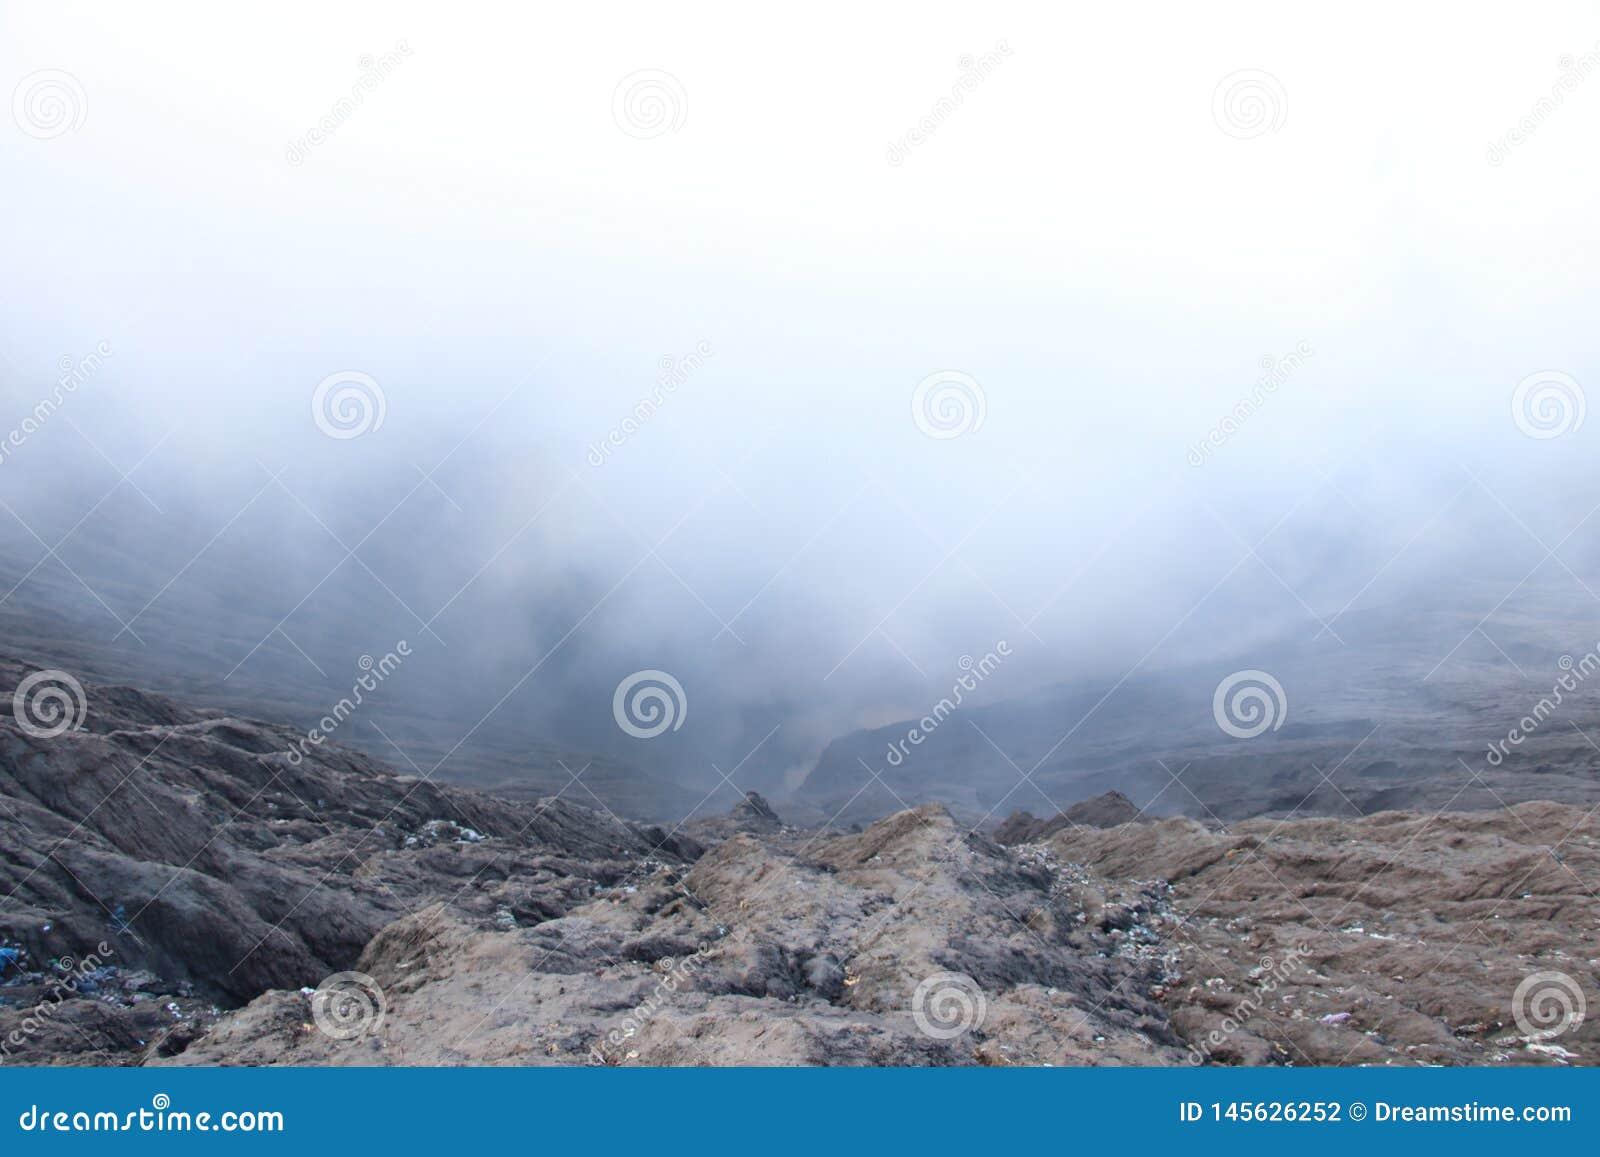 Smog på krater